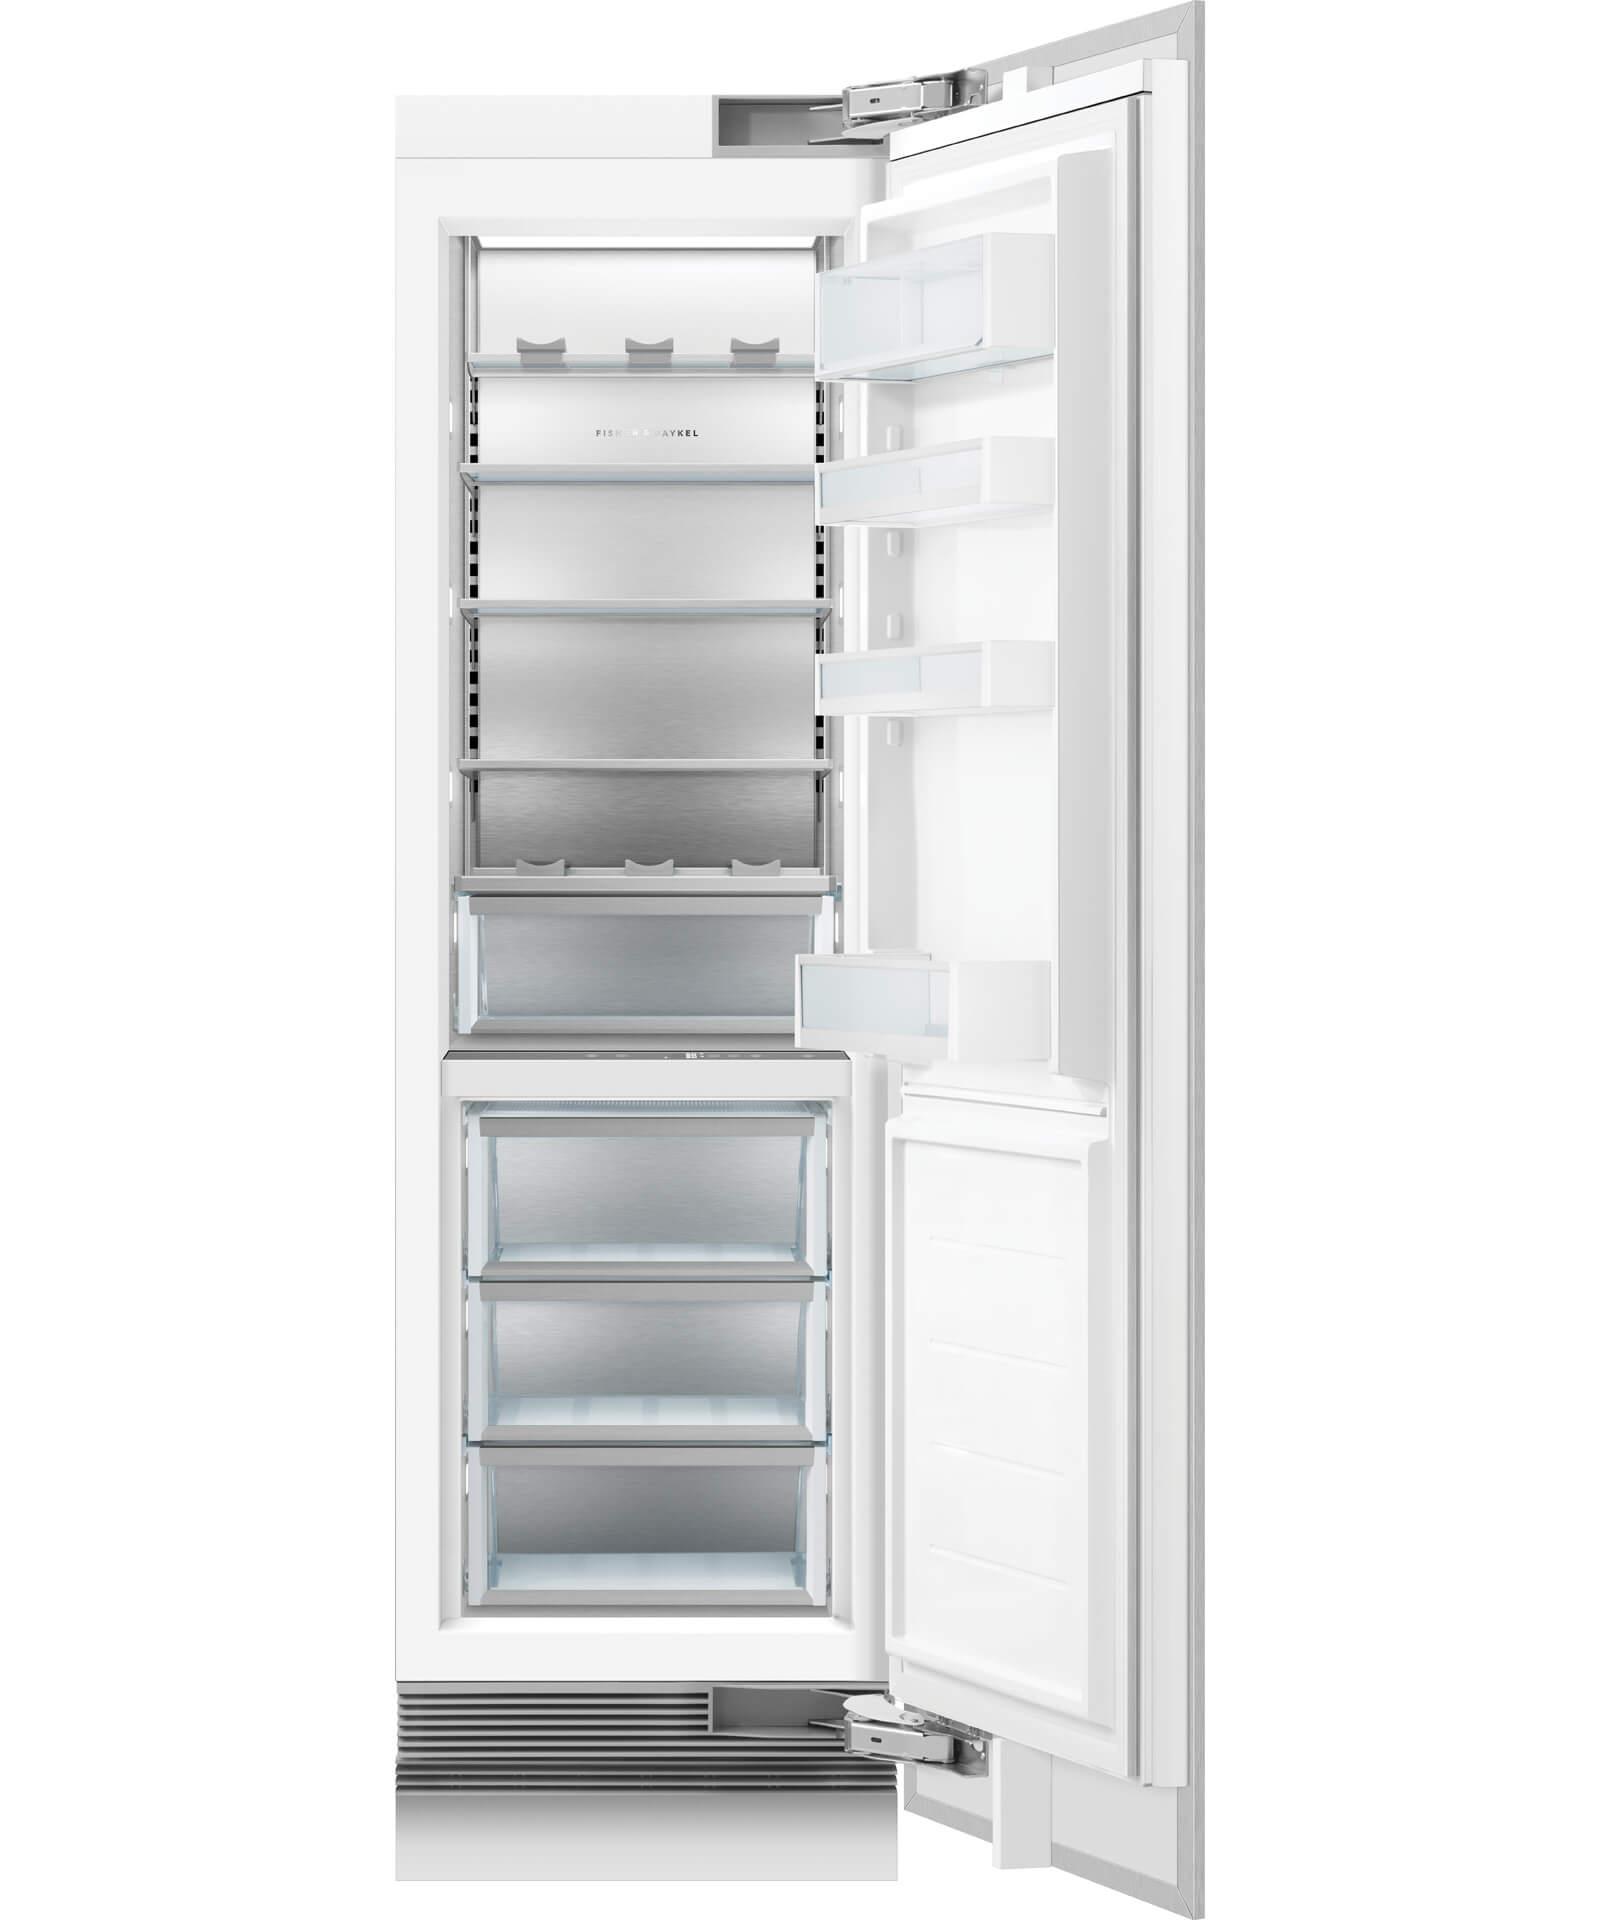 Rs6121srk1 Integrated Column Refrigerator 610mm Fisher